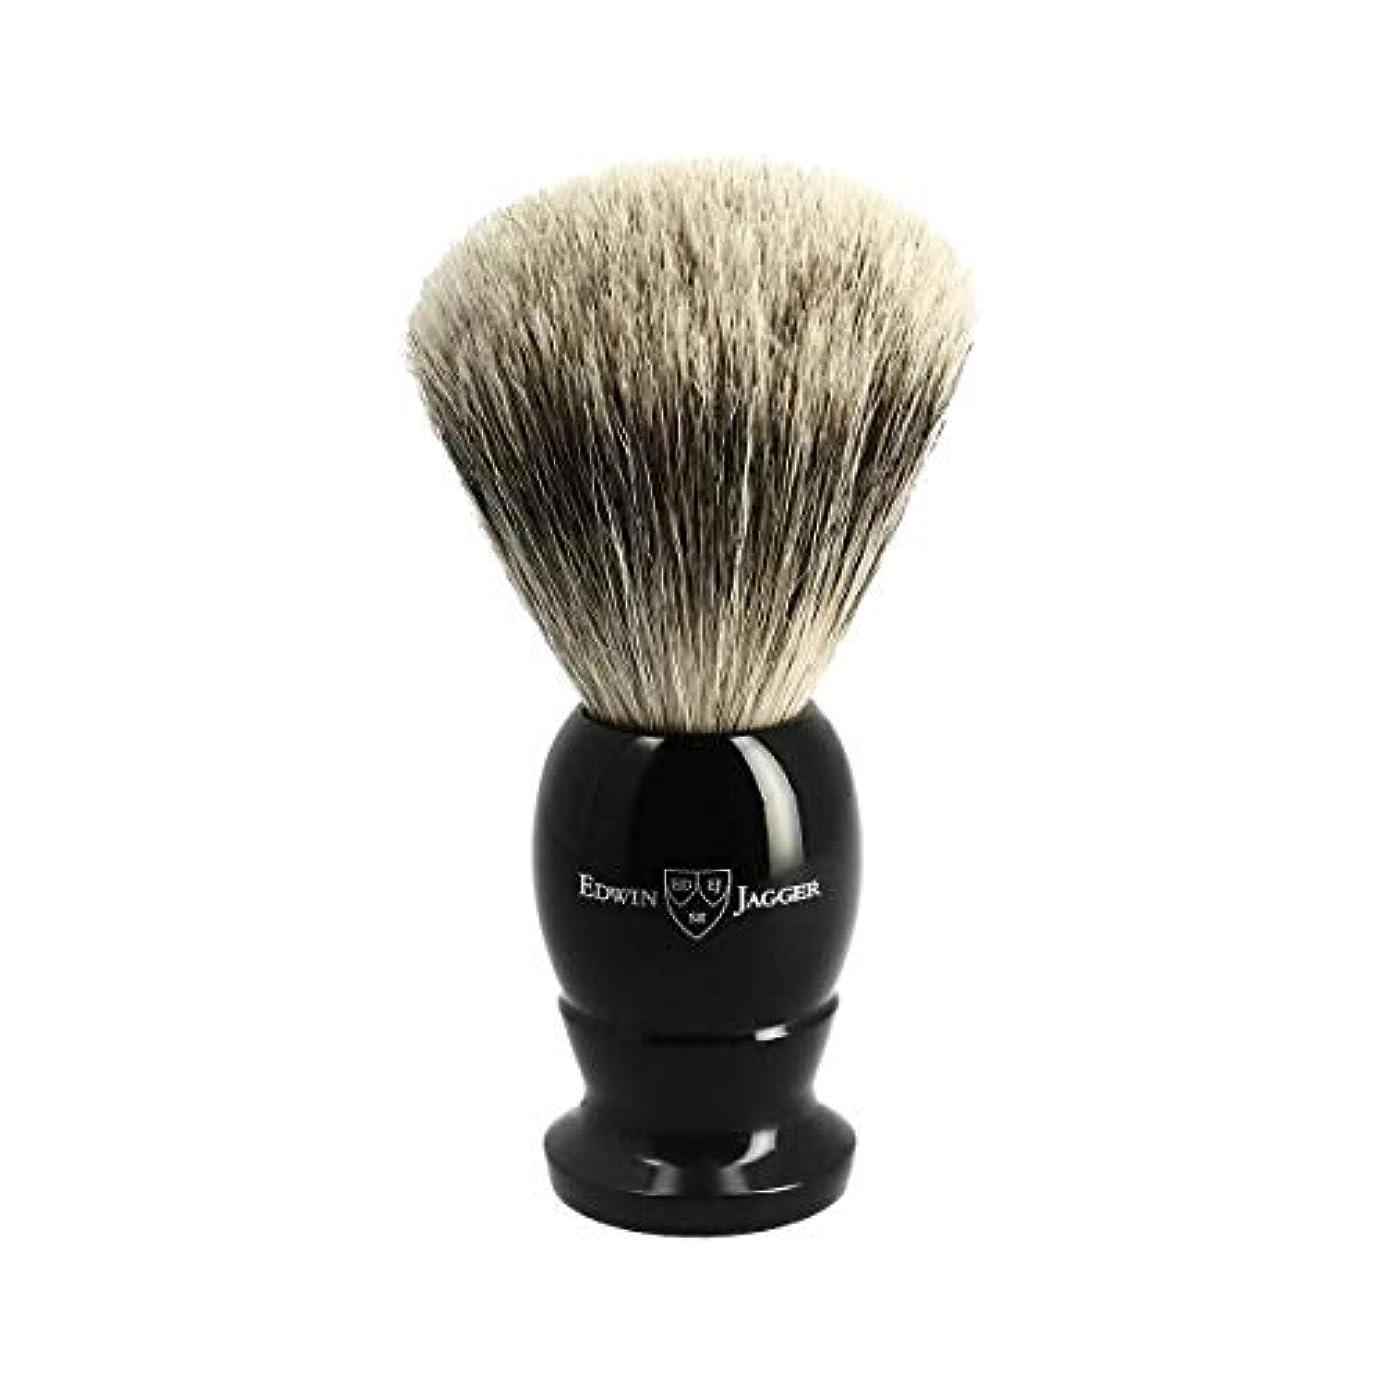 操縦する無線民族主義エドウィンジャガー ベストバッジャーアナグマ毛 エボニーシェービングブラシ大3EJ876[海外直送品]Edwin Jagger Best Badger Ebony Shaving Brush Large 3EJ876 [...